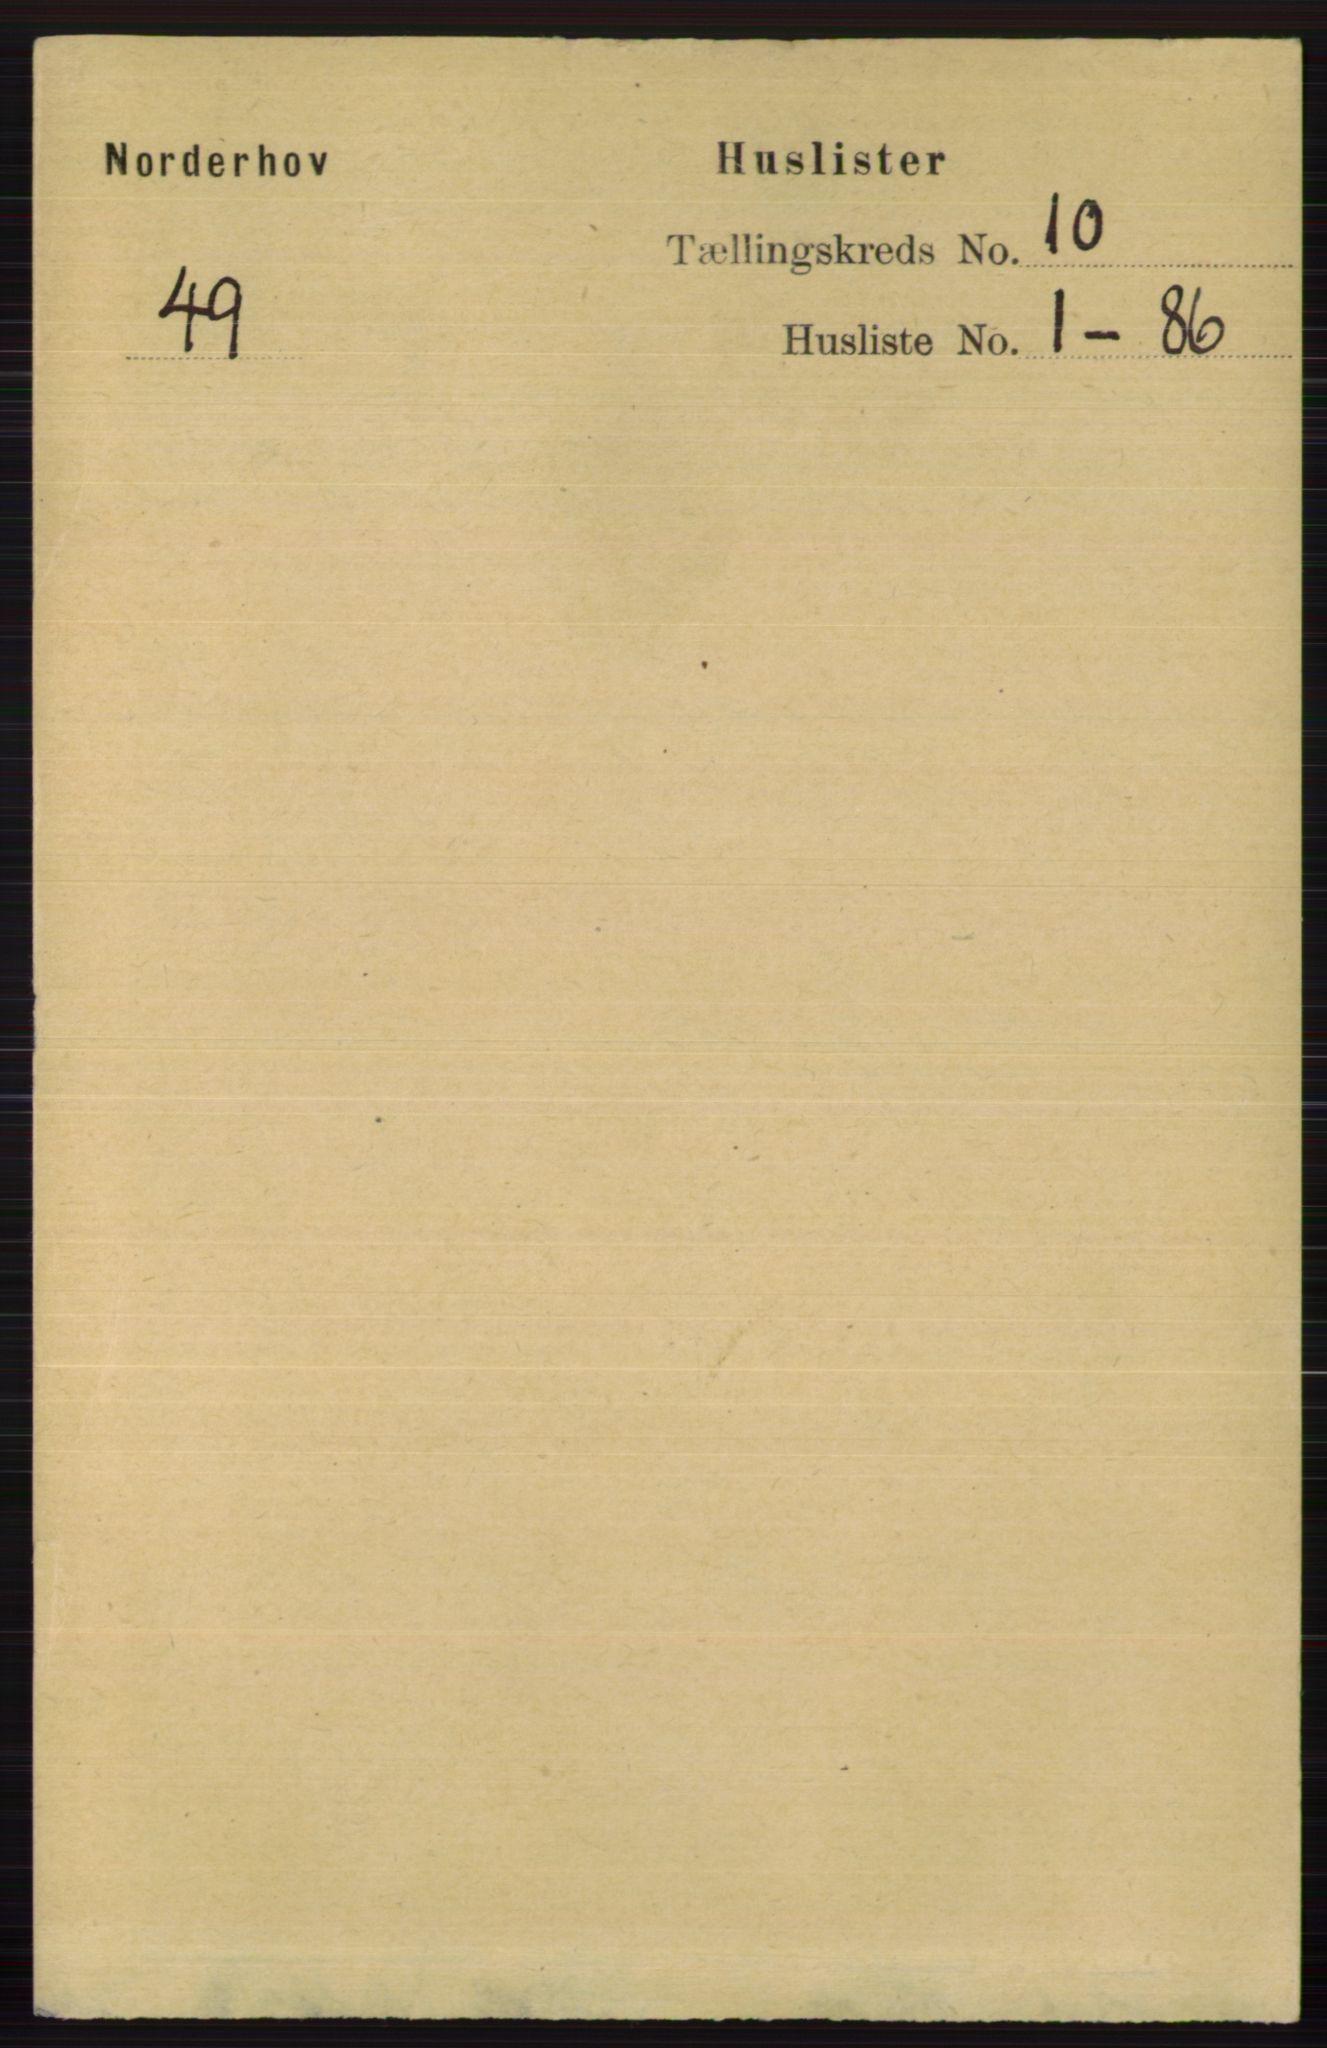 RA, Folketelling 1891 for 0613 Norderhov herred, 1891, s. 7422